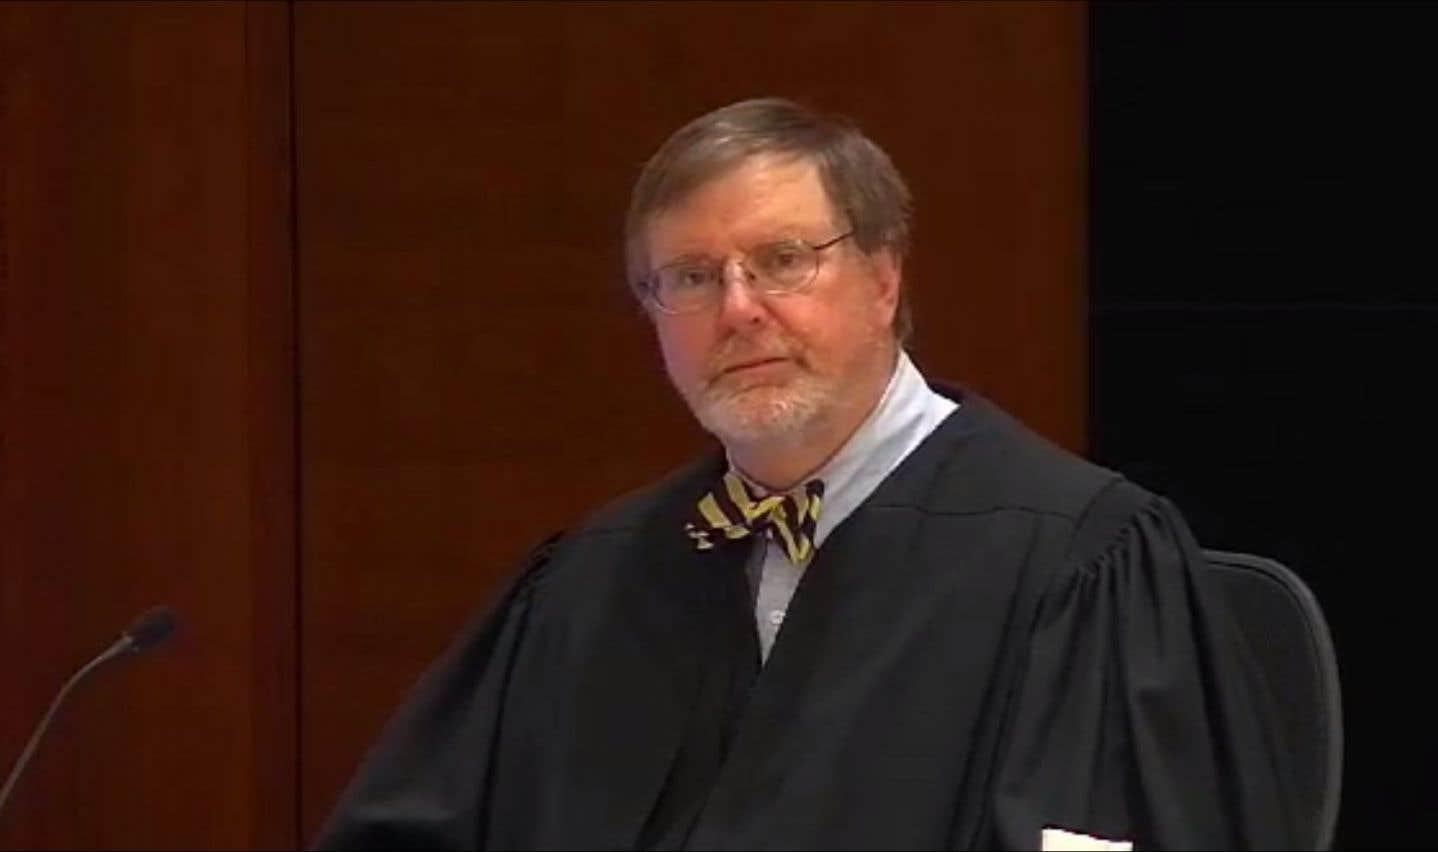 Un juge fédéral annule en partie un décret de Trump sur les réfugiés